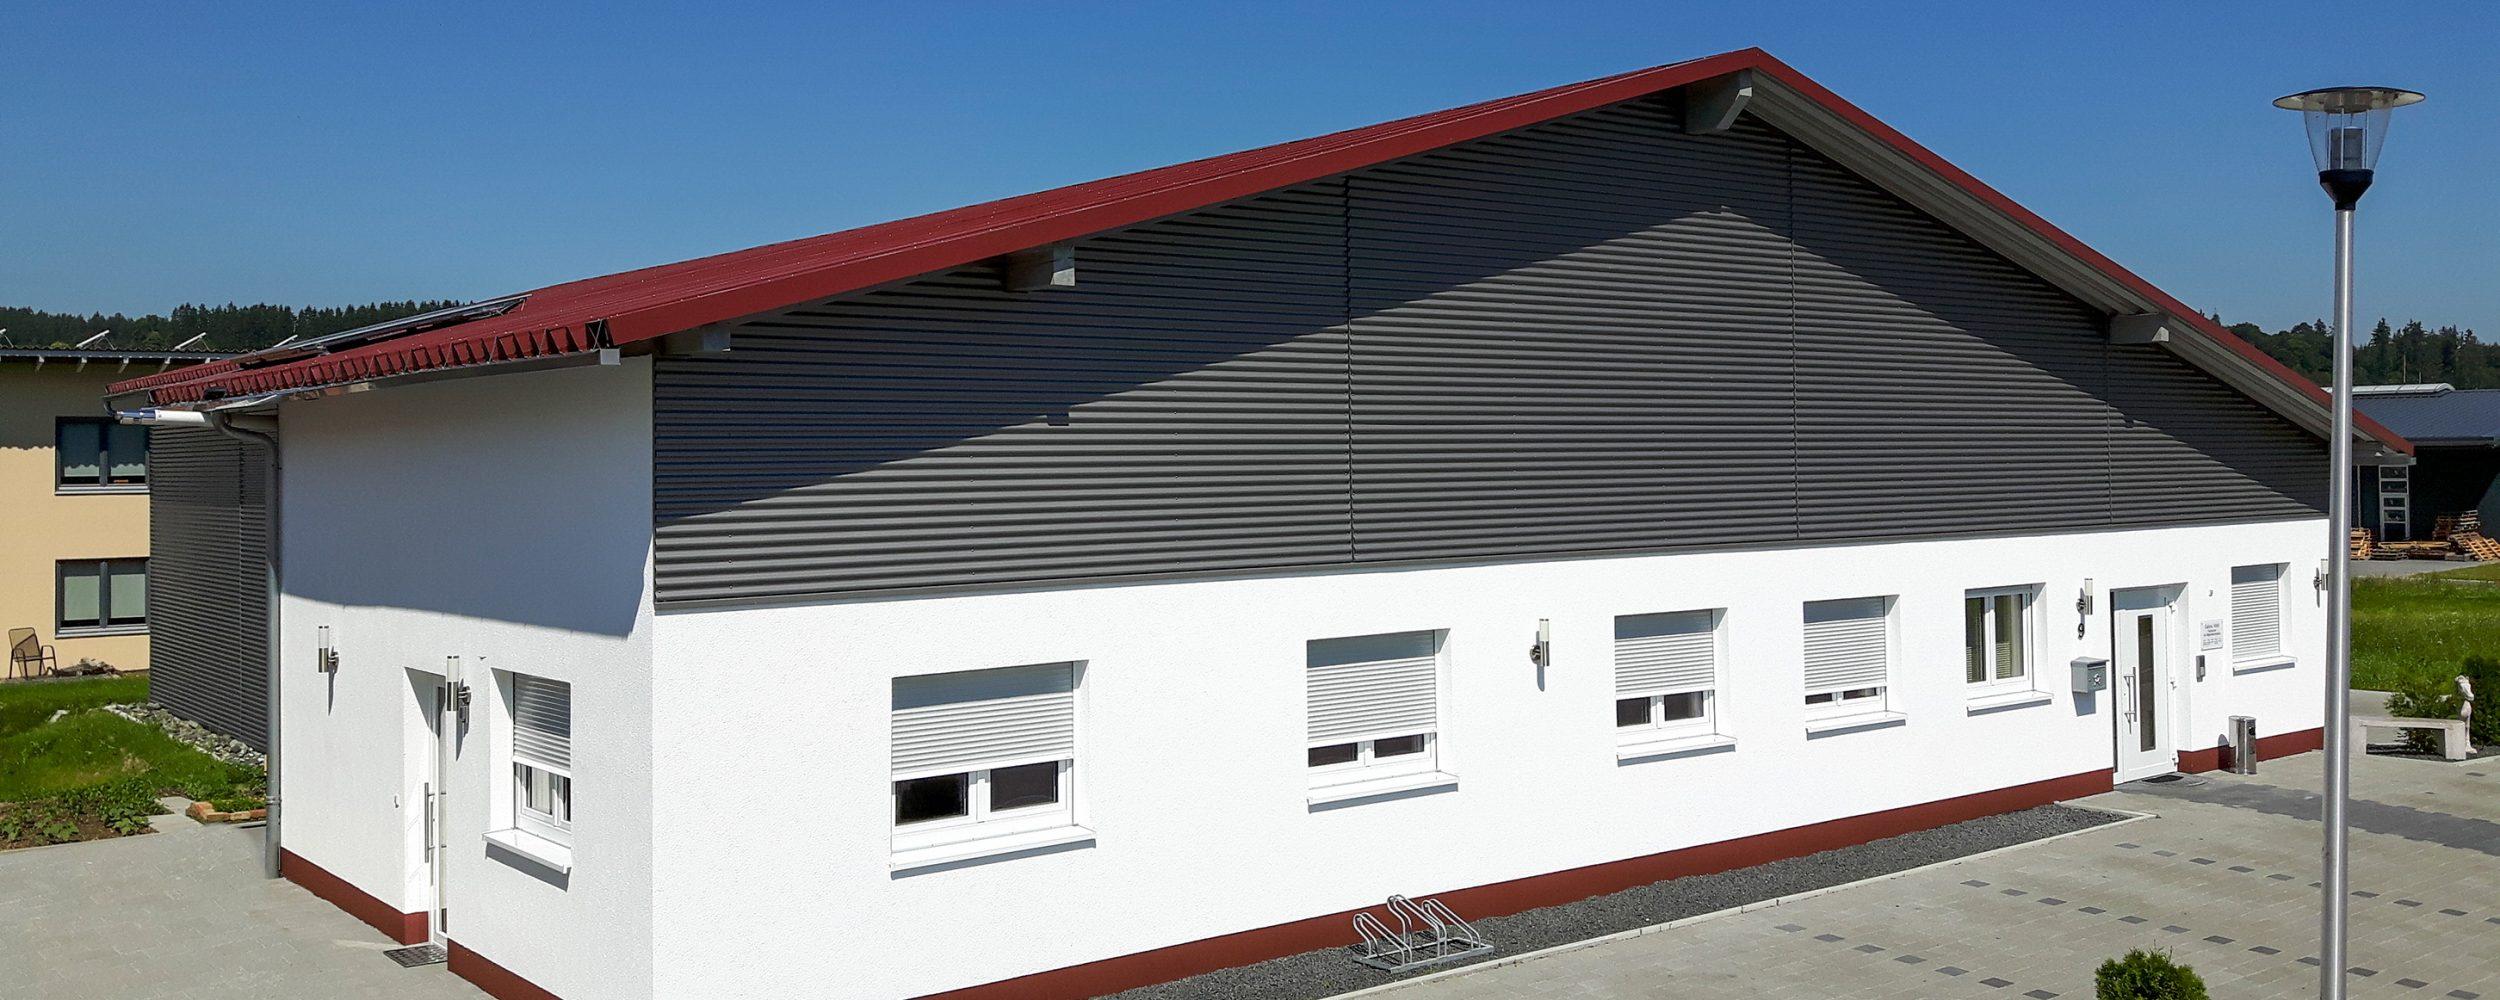 Wohnhaus mit eigener Maschinenhalle  - Schwabenhalle